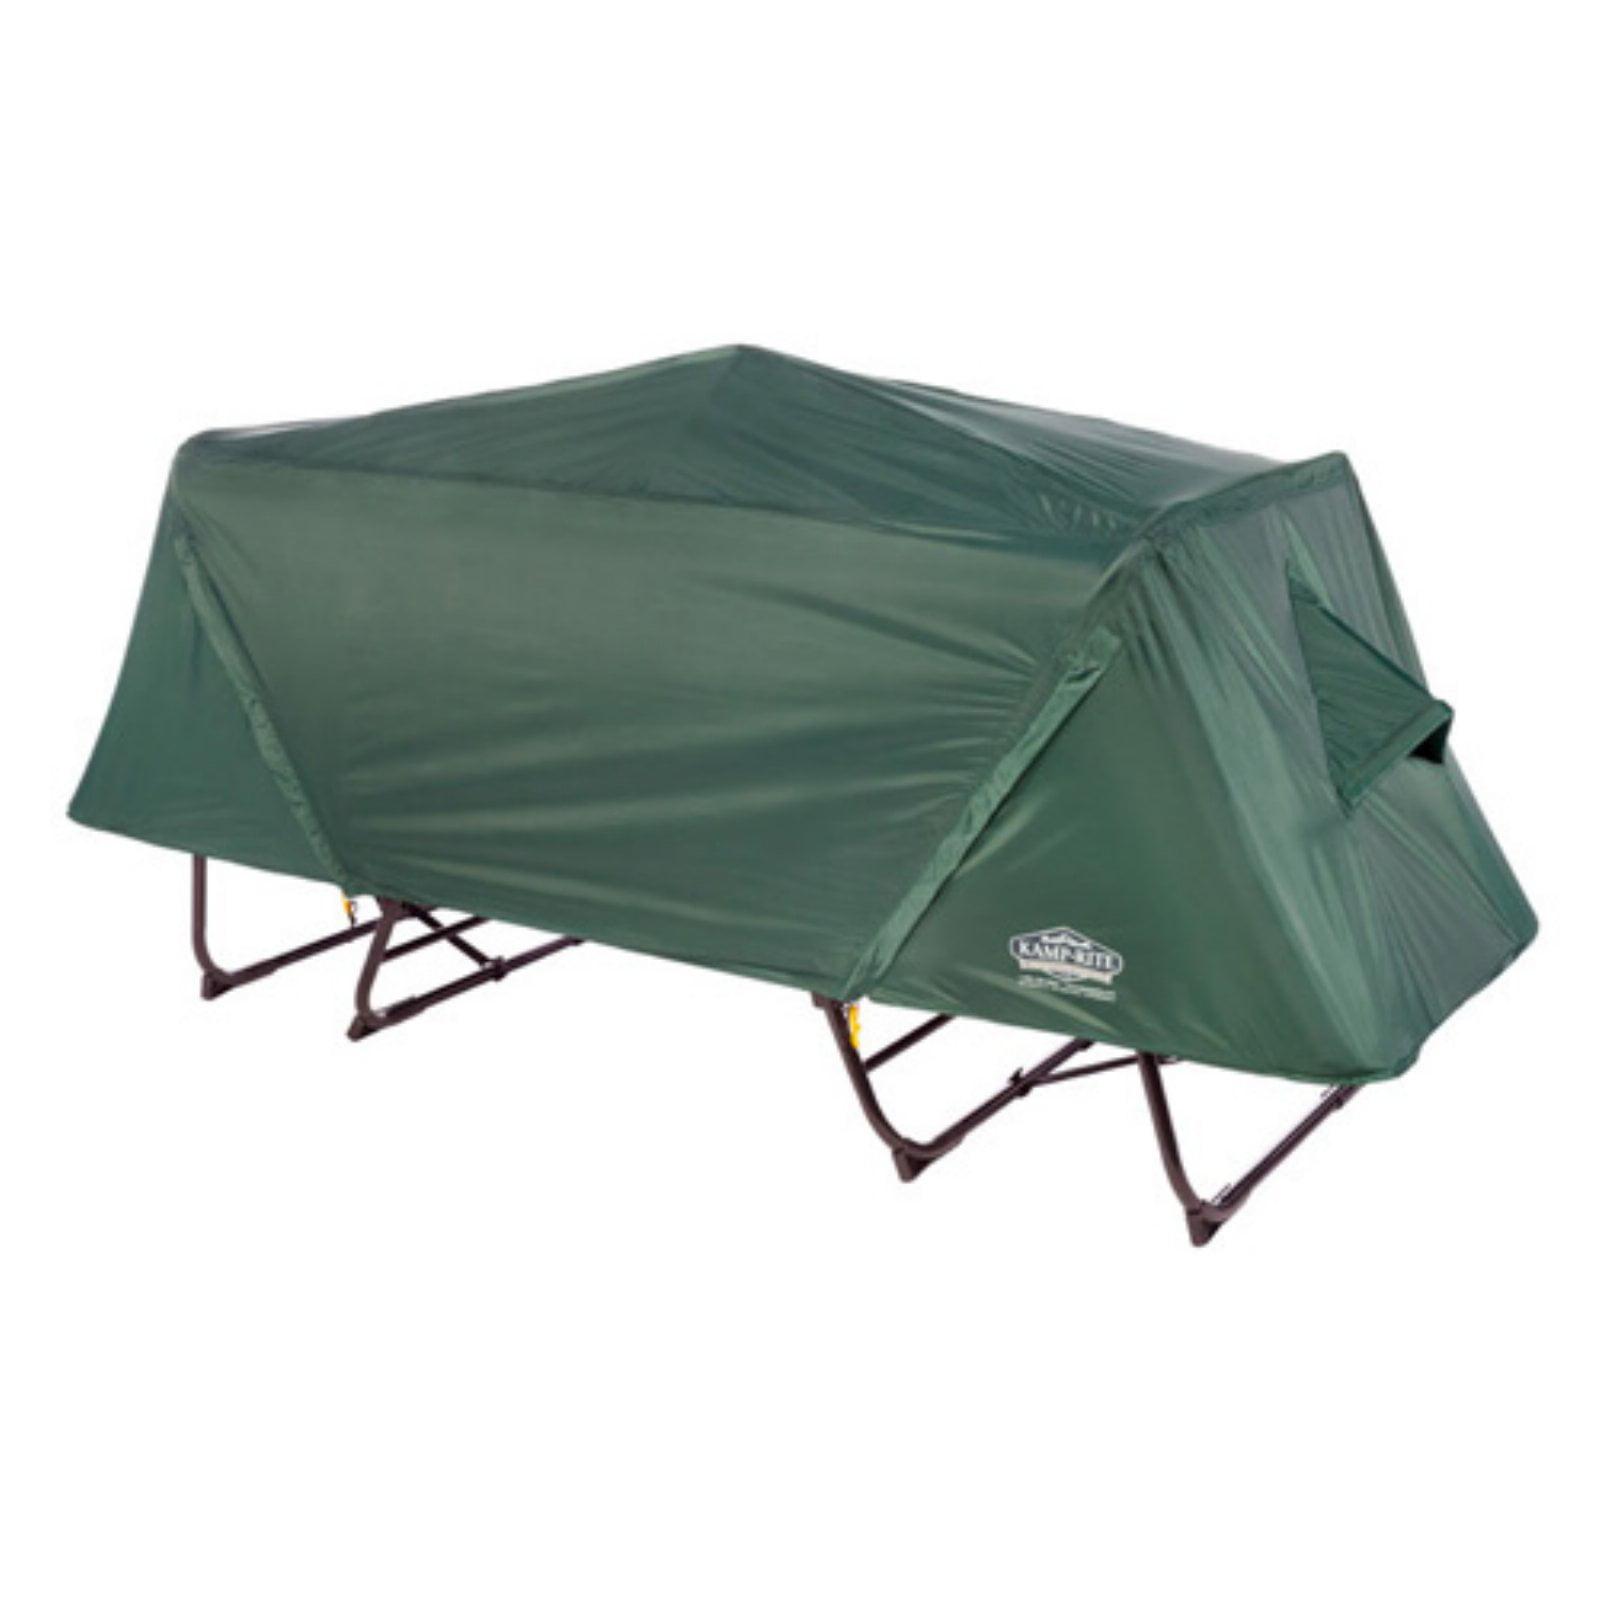 Kamp-Rite Compact Tent Cot by Kamprite